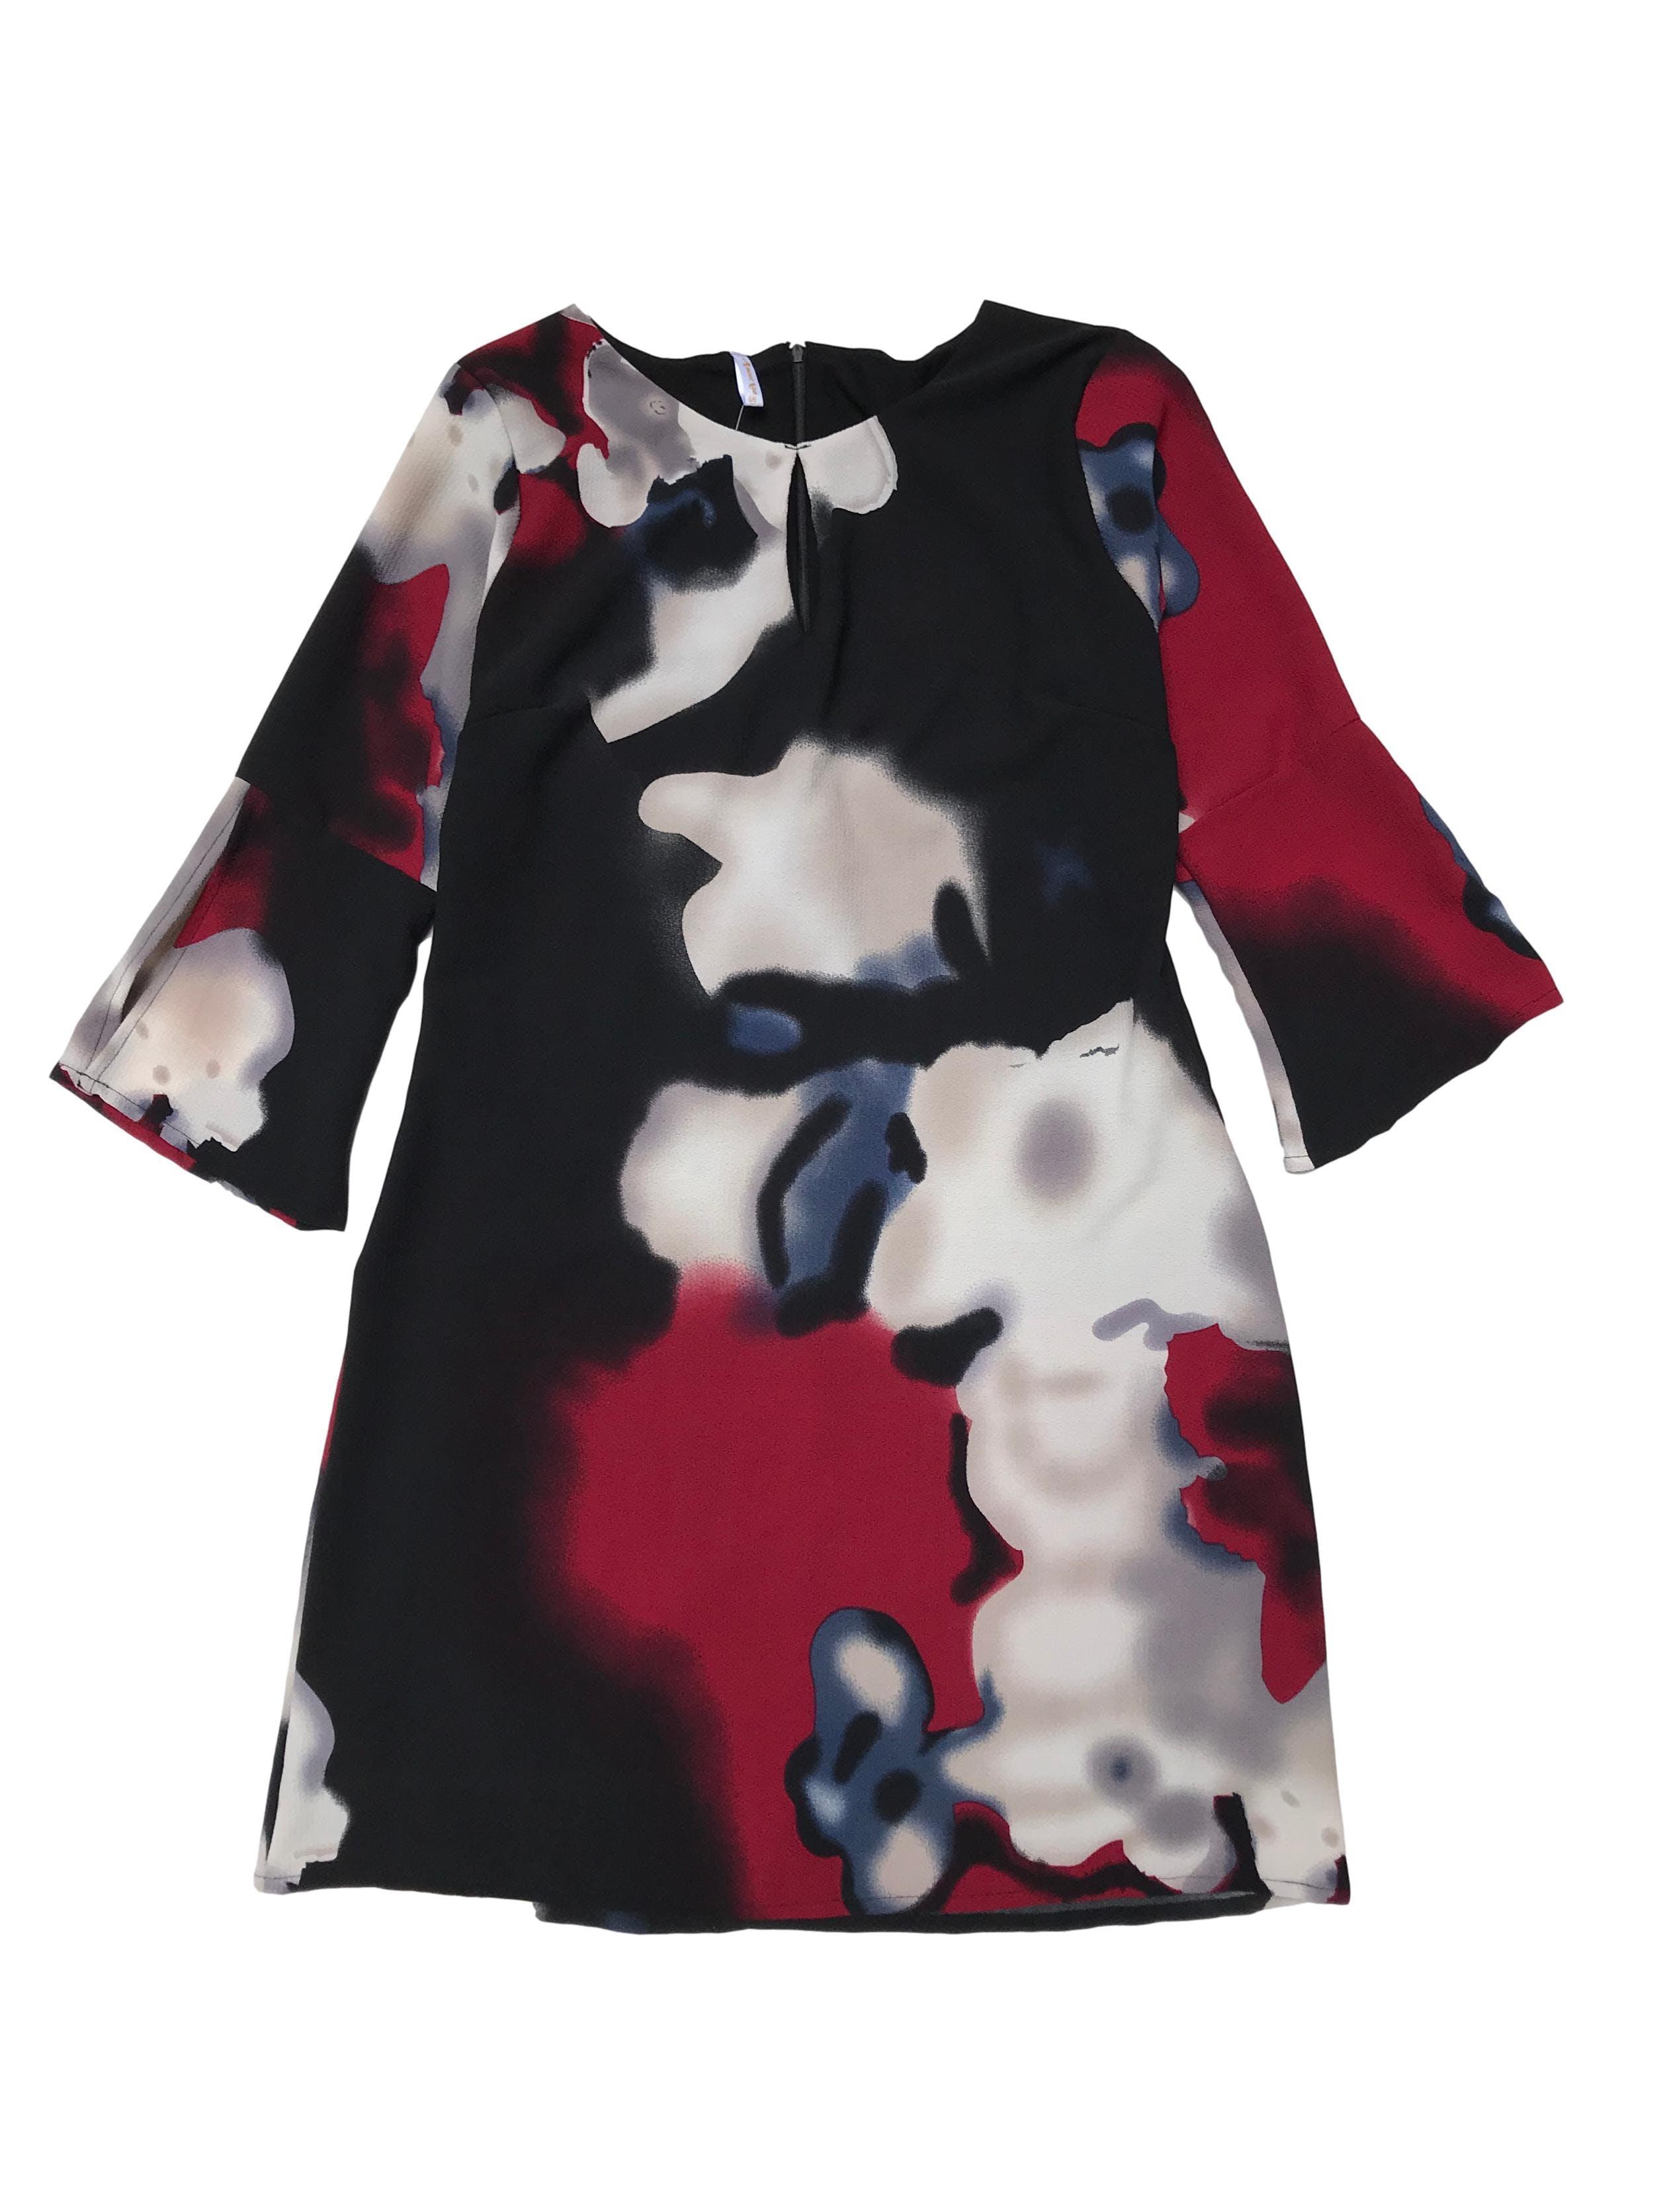 Vestido de crepé negro con formas abstractas, forrado, escote gota, cierre en la espalda y manga 3/4. Largo 90cm